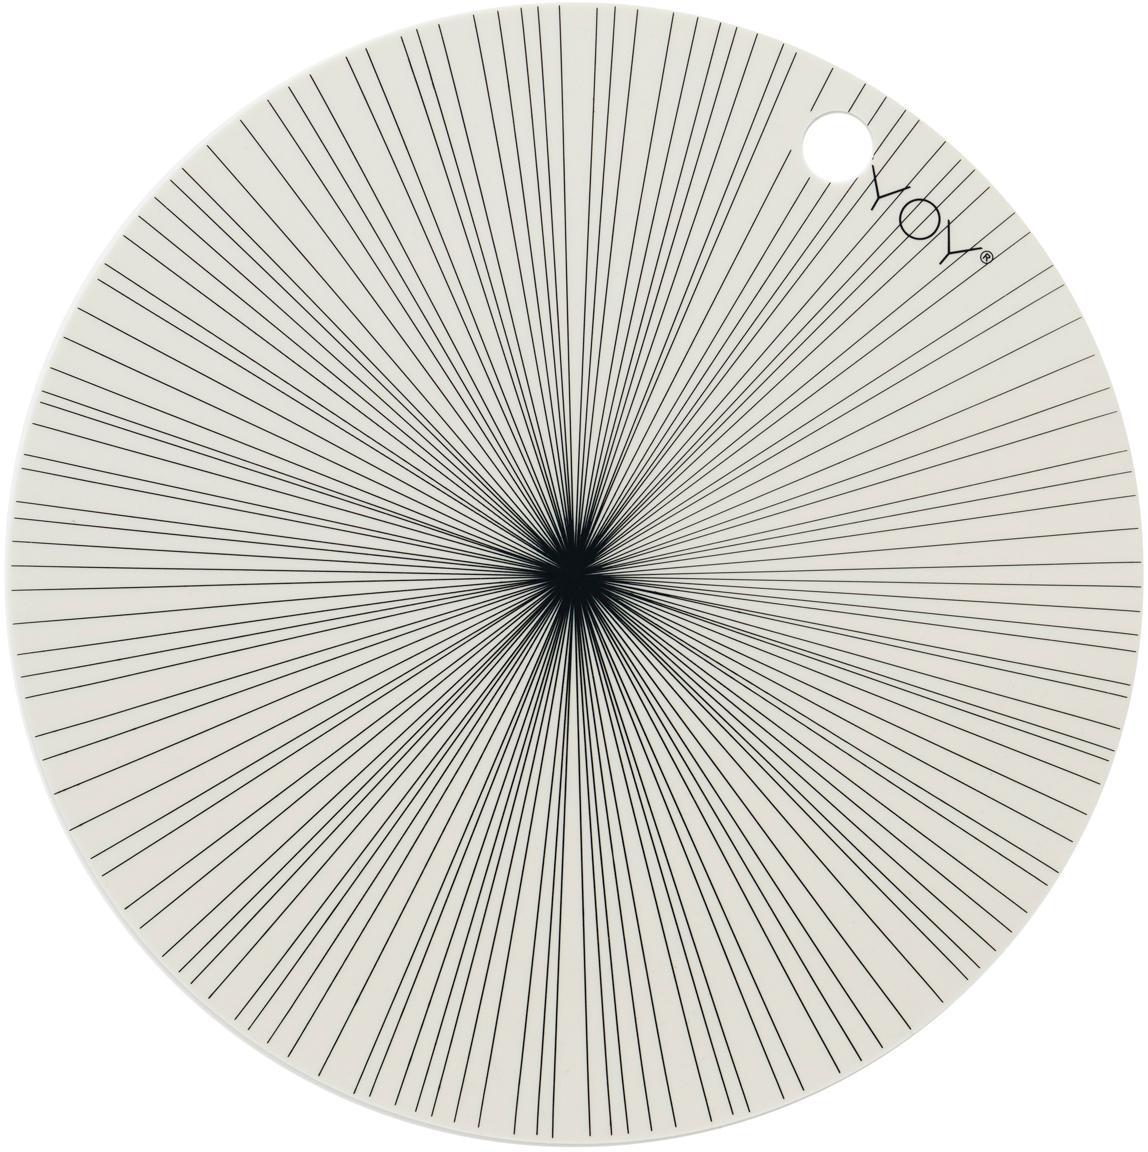 Runde Silikon Tischsets Ray, 2 Stück, Silikon, Gebrochenes Weiß, Schwarz, Ø 39 cm